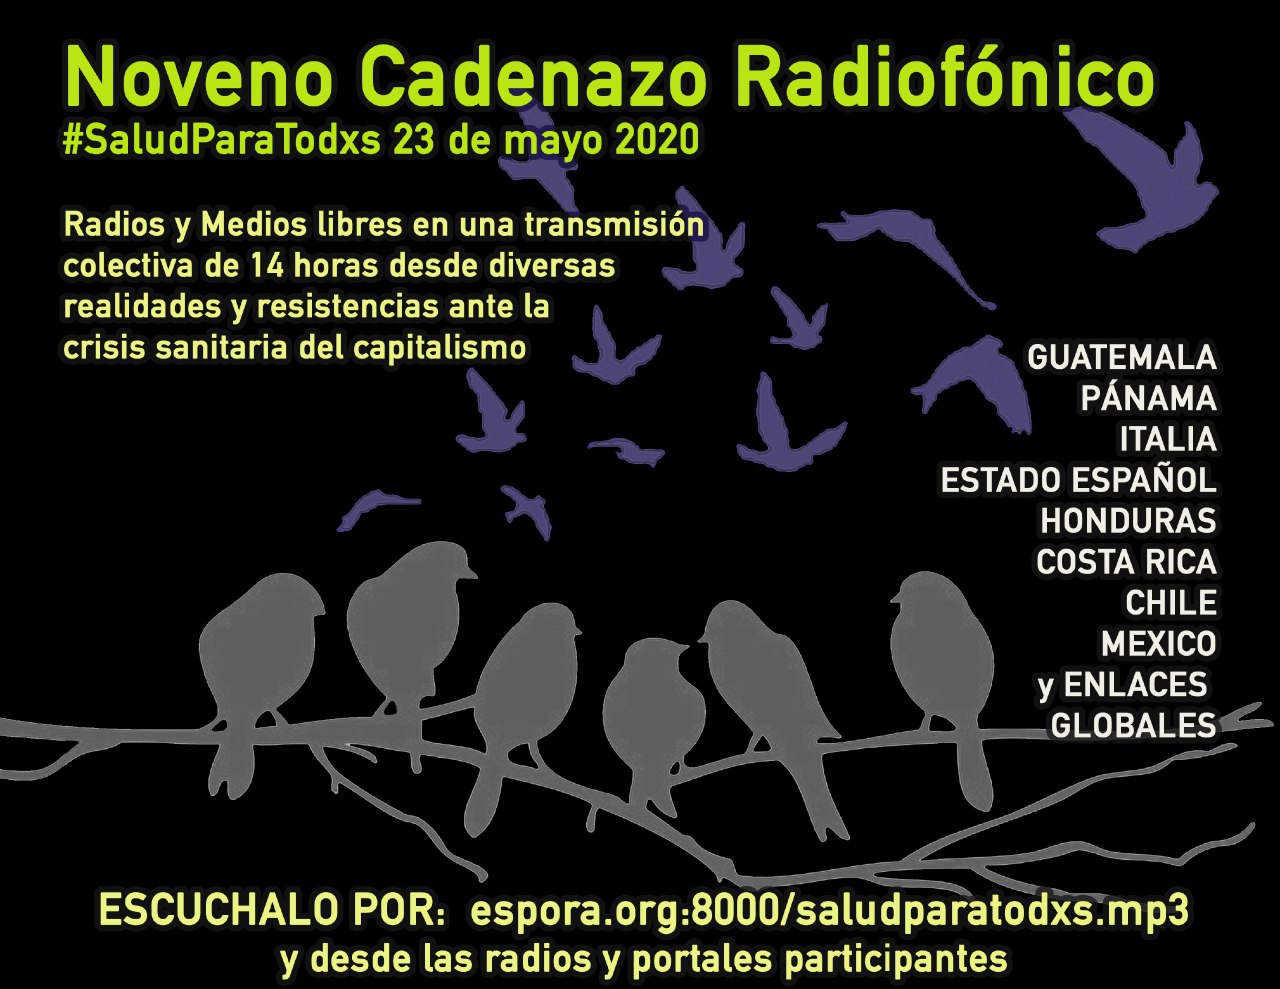 Reporte Radio 8 de Octubre para el 9no Cadenazo Radiofónico por la Salud y la Vida de Todxs